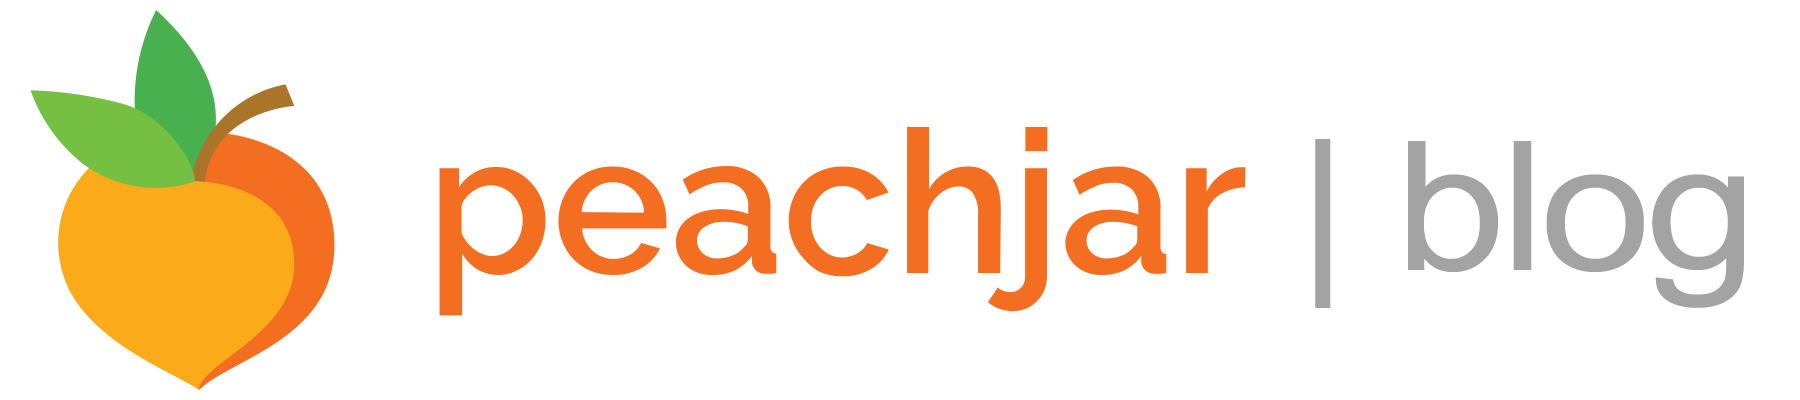 Peachjar-blog-logo-1.png